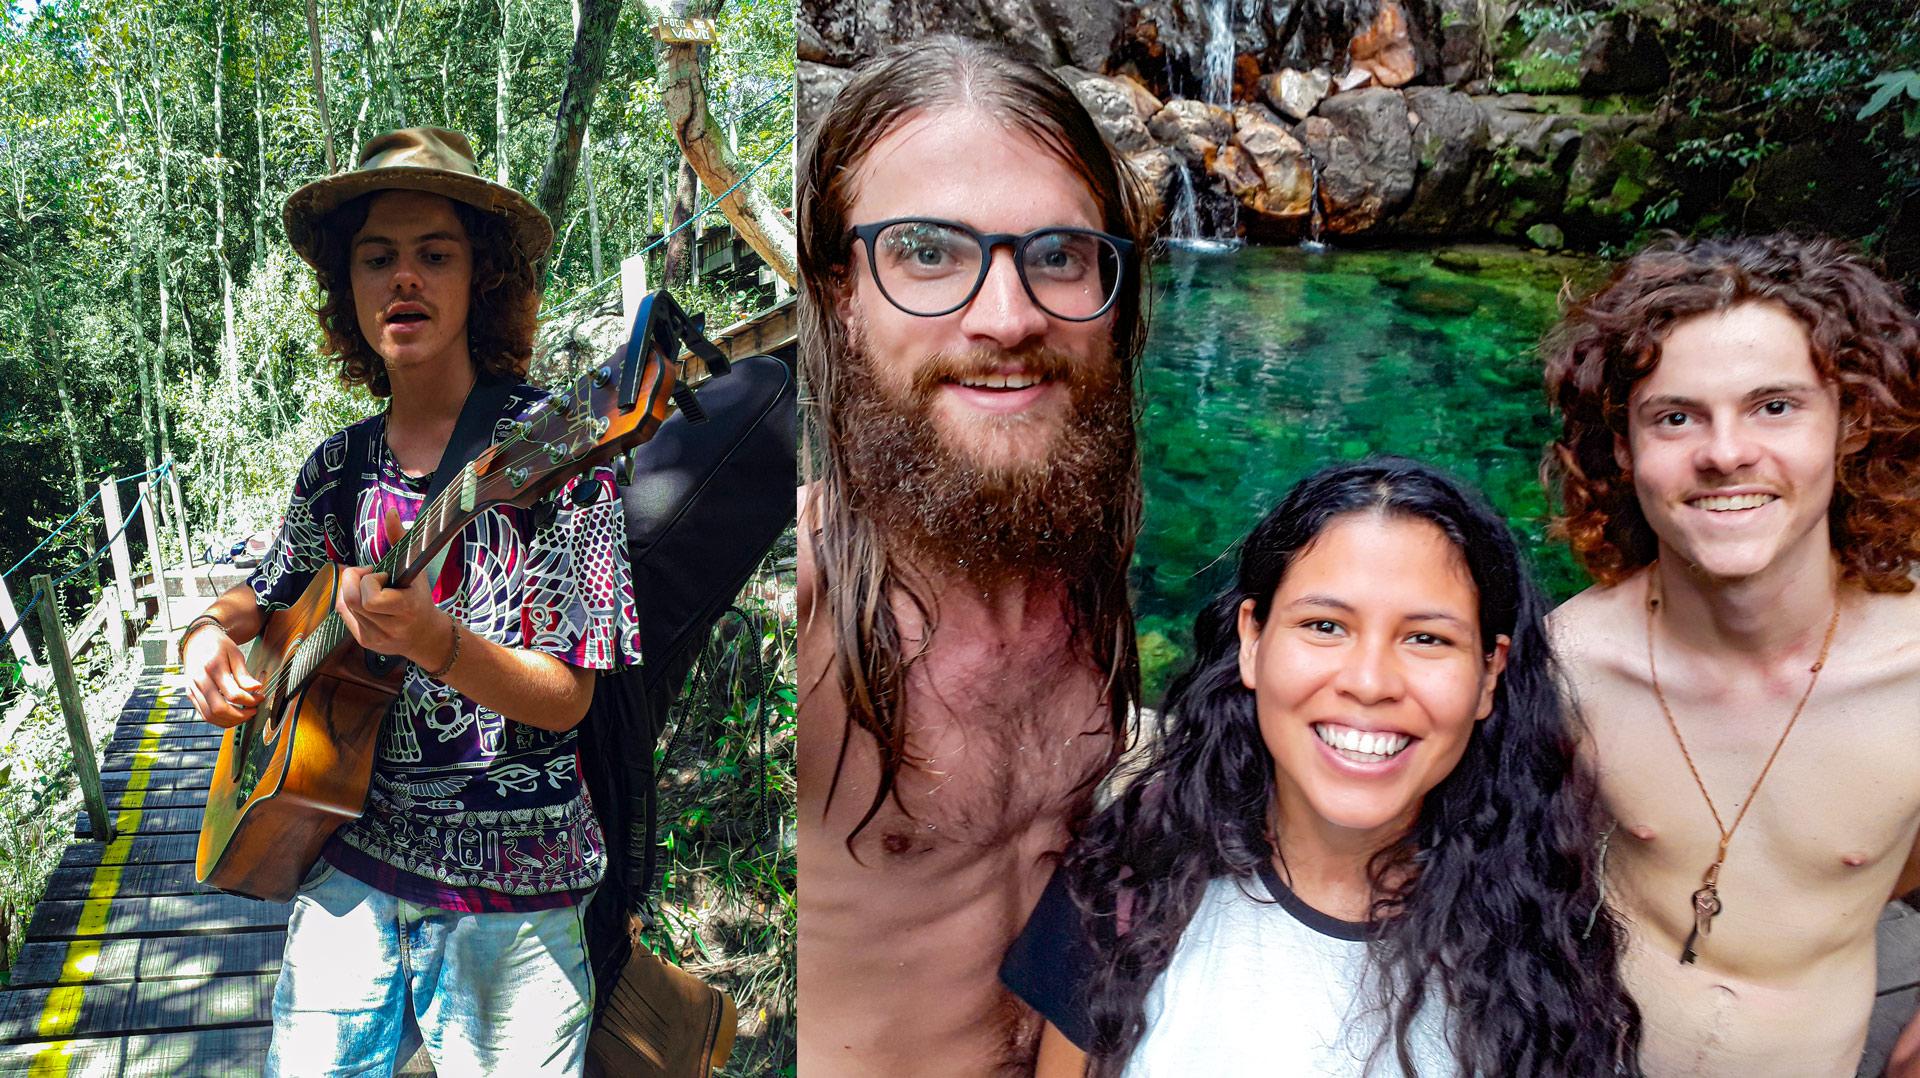 Loquinhas-Brasil-Slow Travel - digital nomads